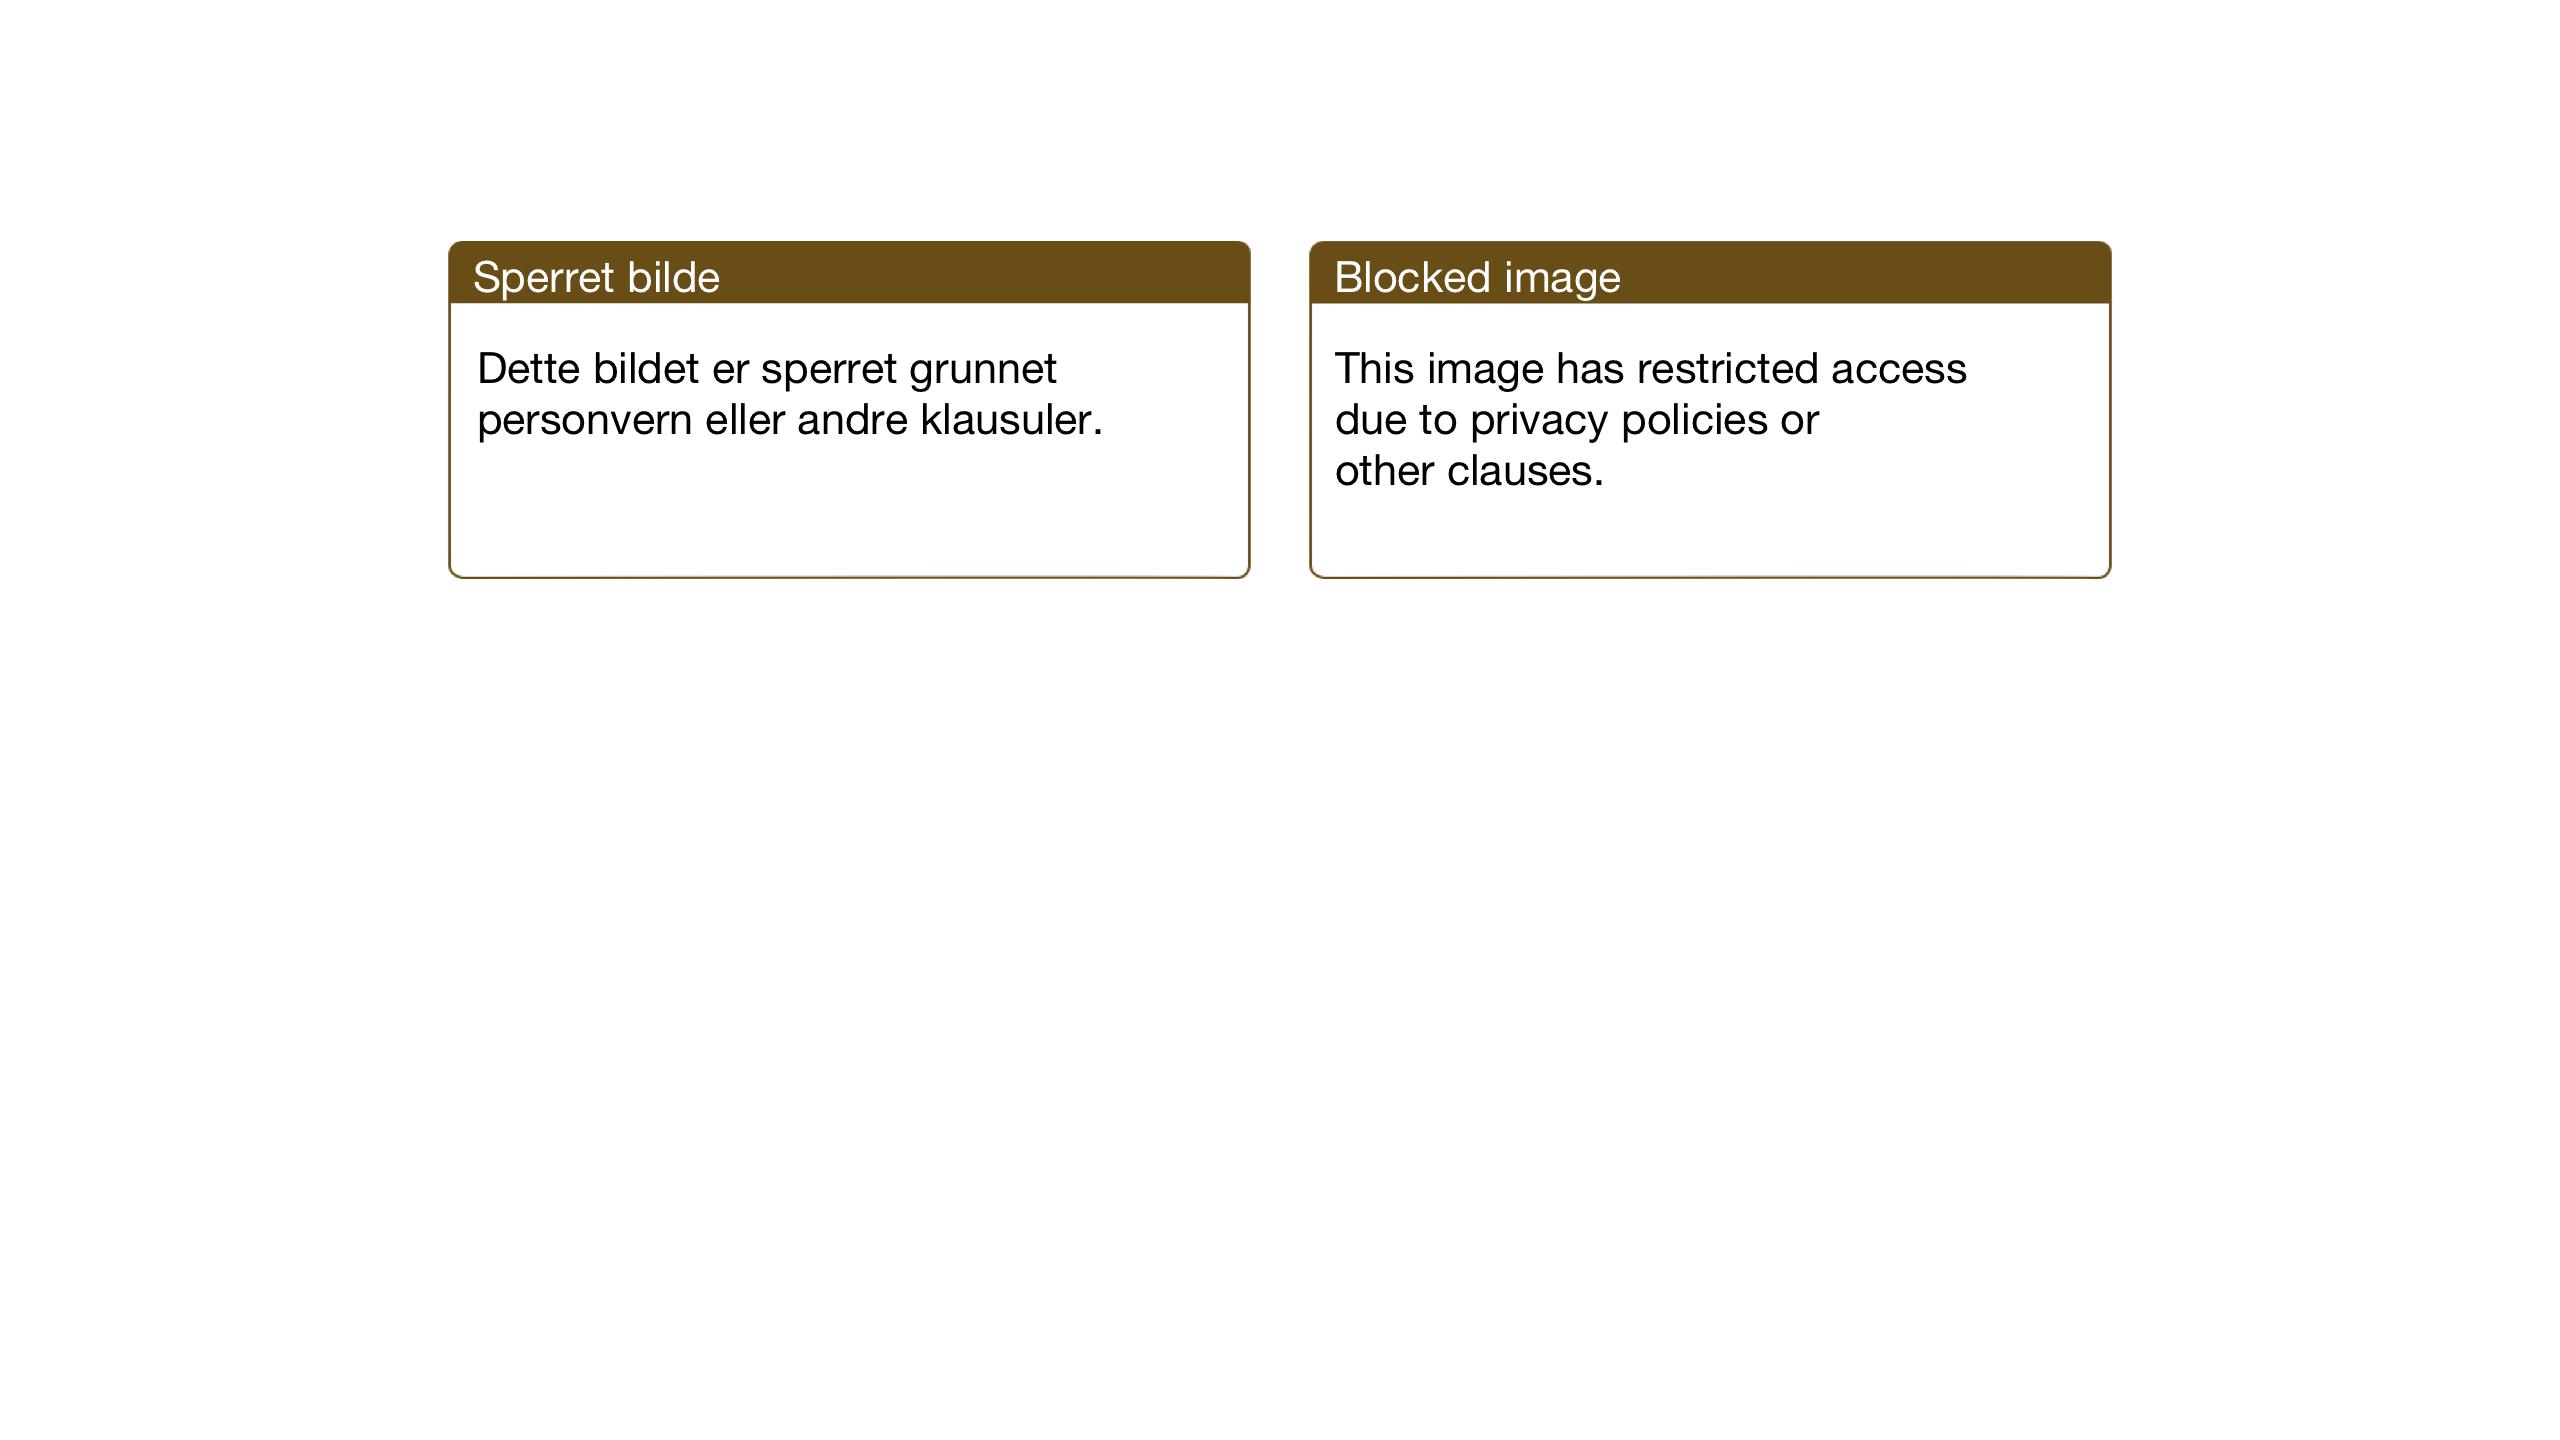 SAT, Ministerialprotokoller, klokkerbøker og fødselsregistre - Sør-Trøndelag, 608/L0343: Klokkerbok nr. 608C09, 1938-1952, s. 11